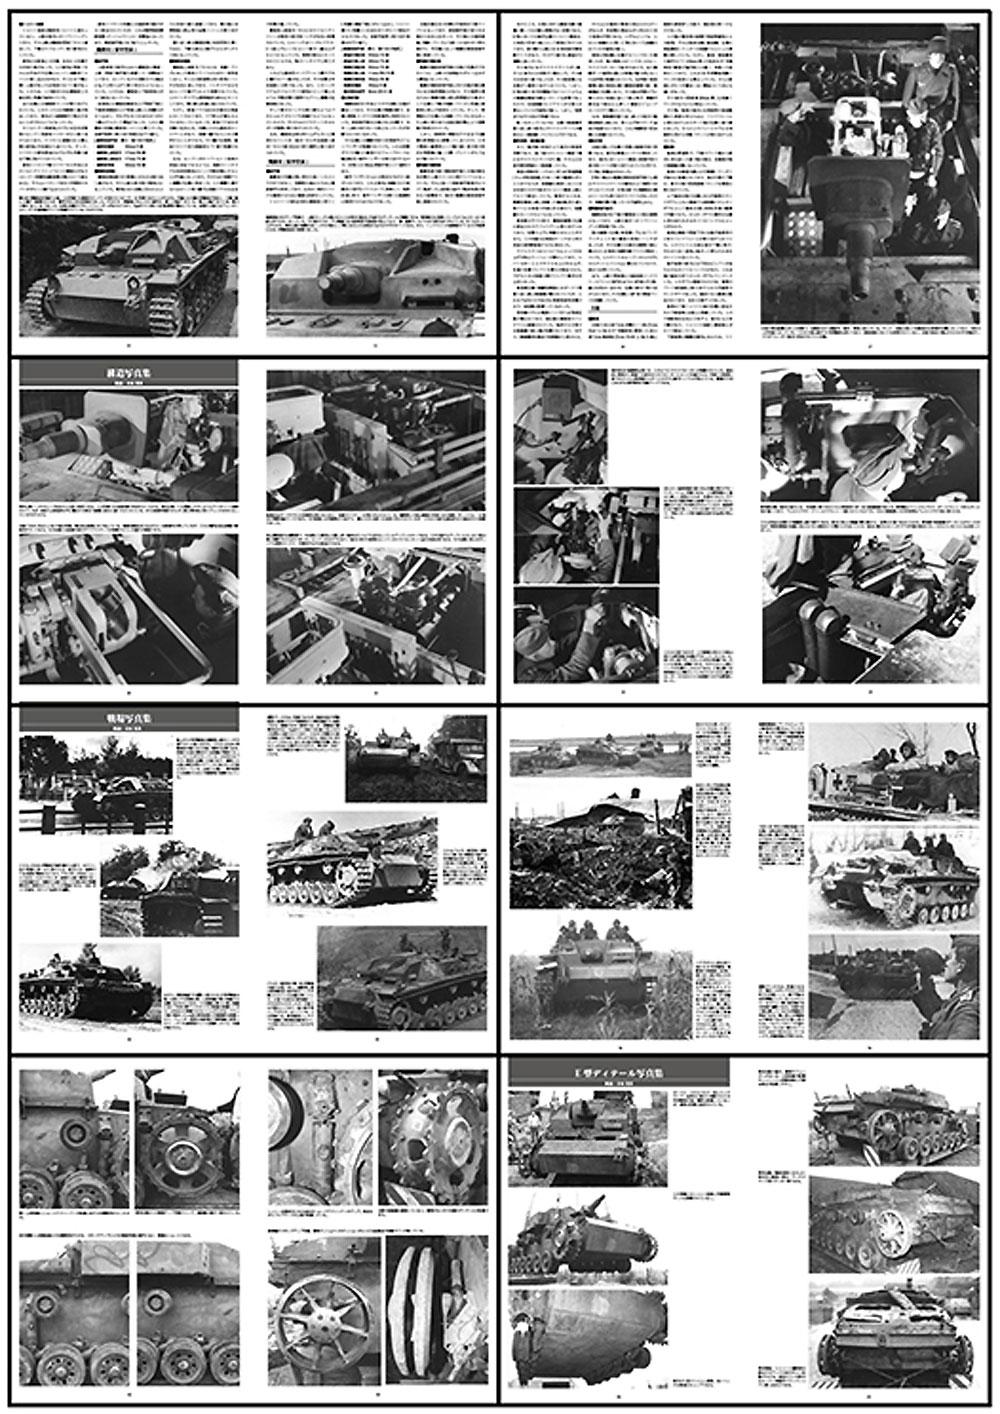 3号突撃砲 Vol.1 短砲身型別冊(ガリレオ出版グランドパワー別冊No.L-06/23)商品画像_1